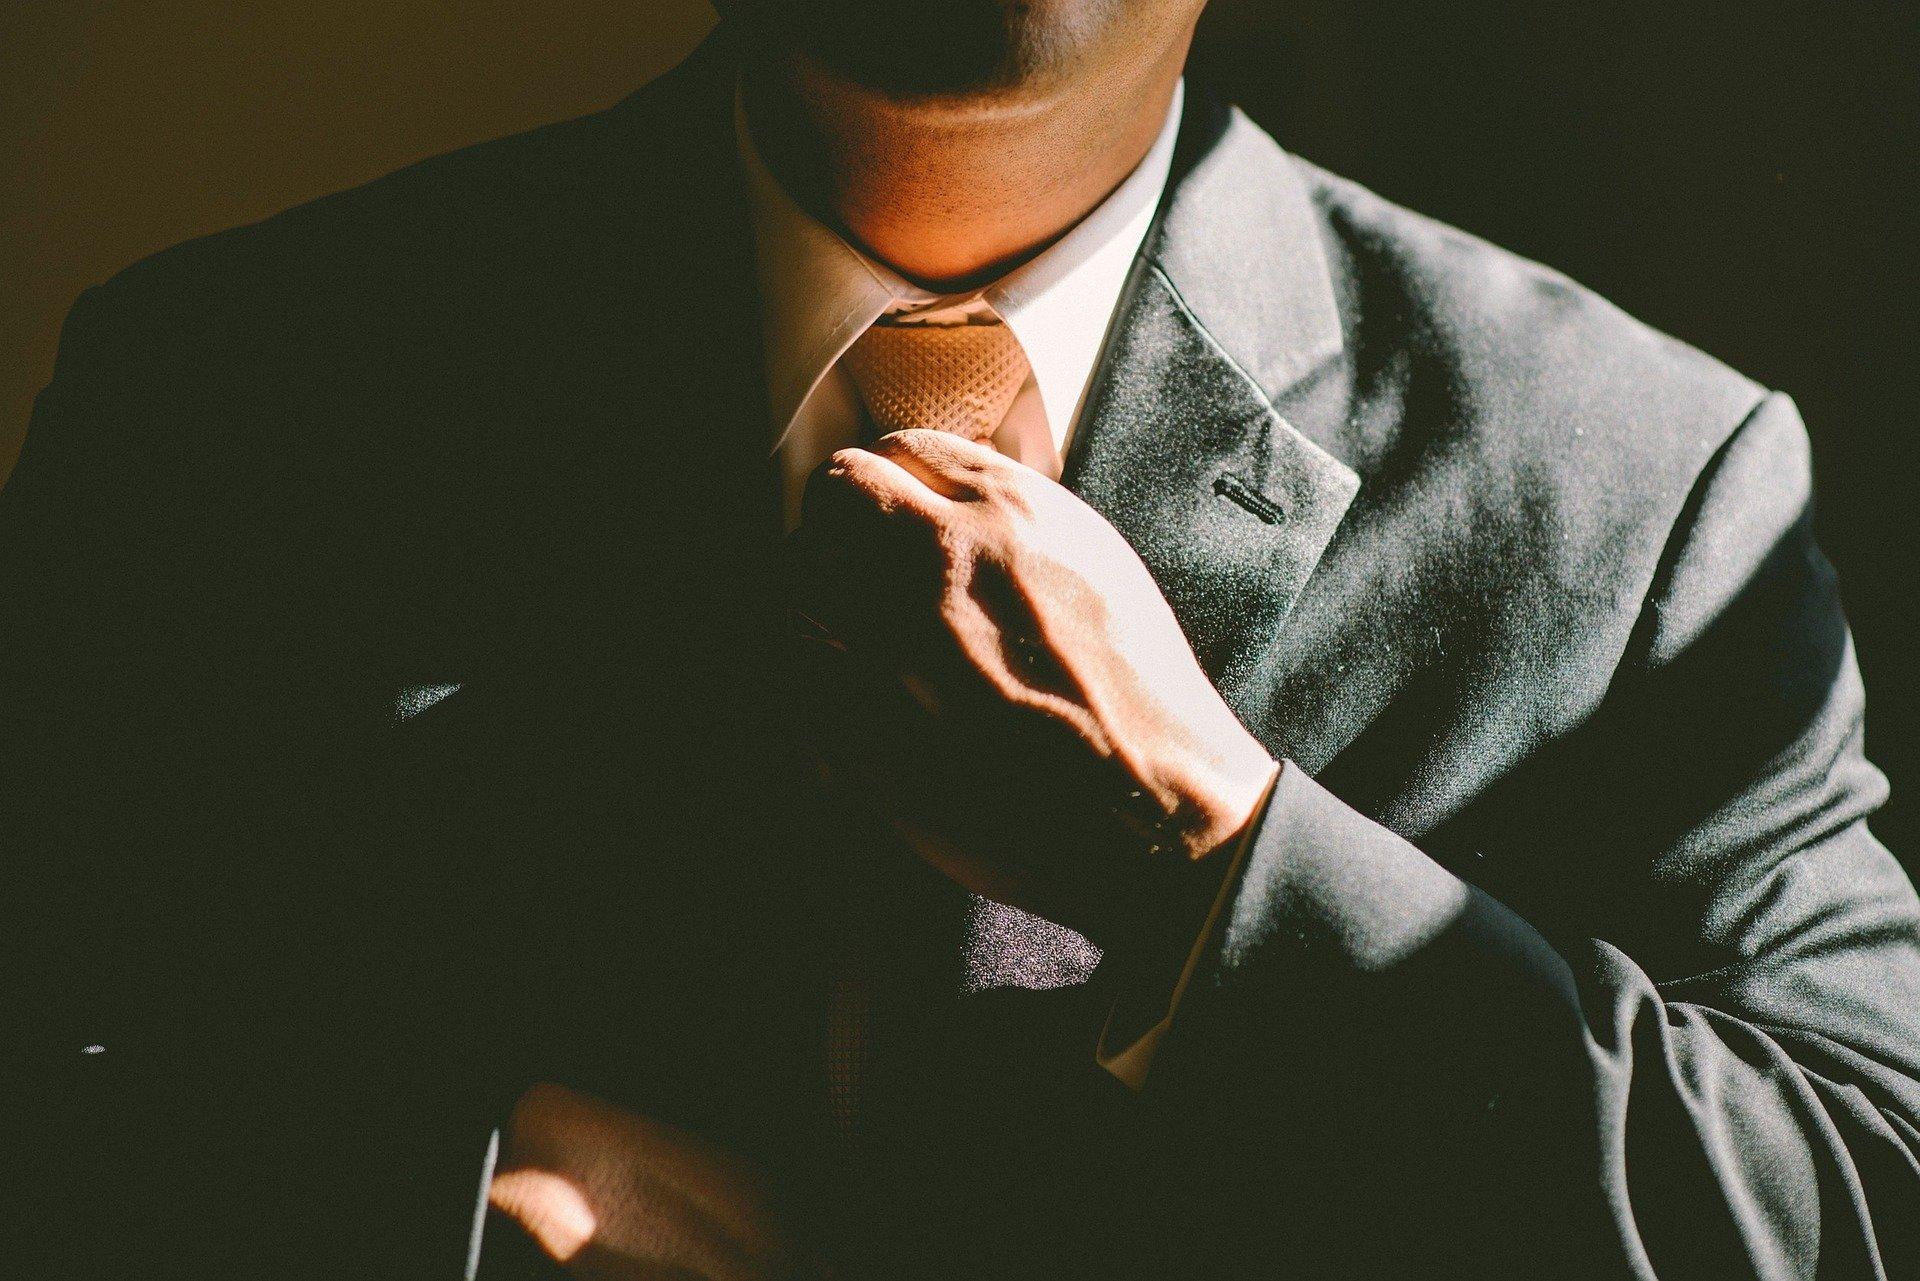 「合同会社」の「役員」って?種類や役割について詳しく解説